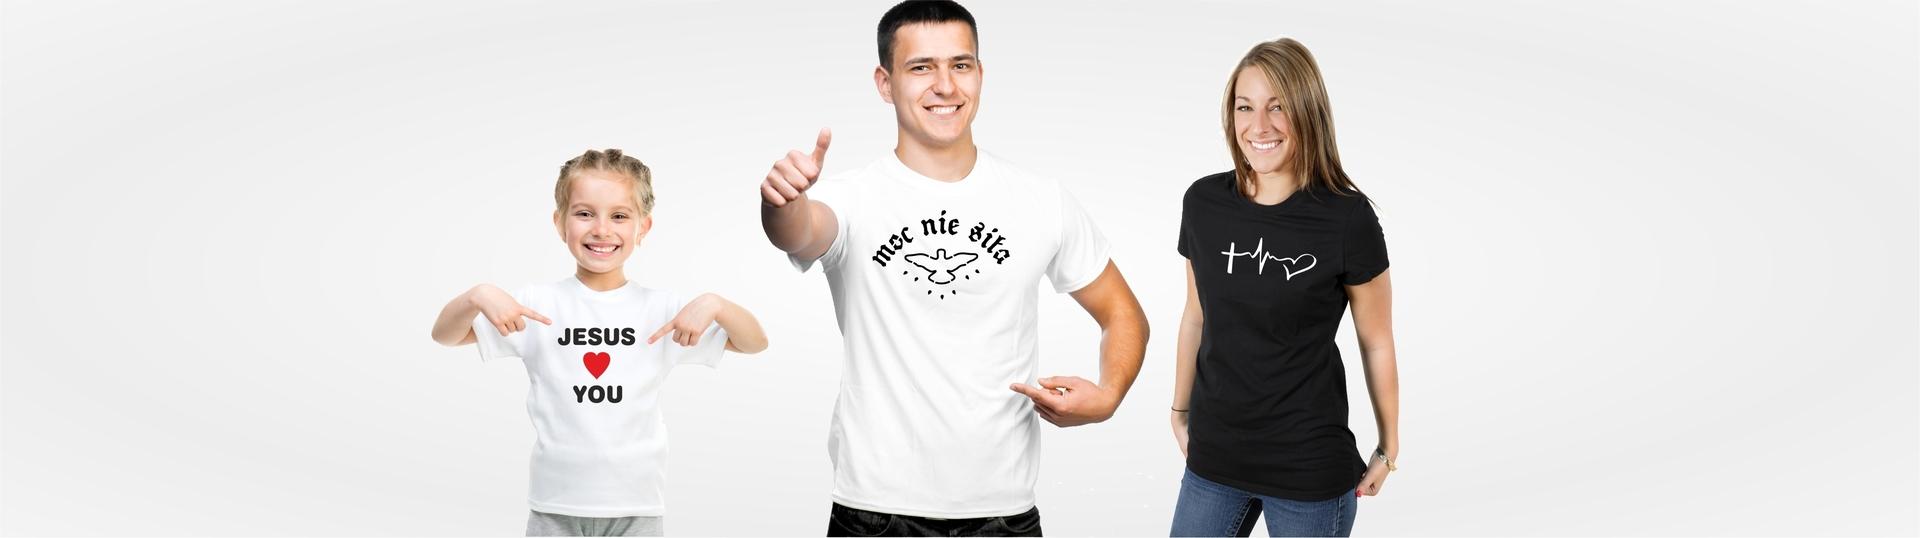 koszulki chrześcijańskie dla dziecka, mężczyzny i kobiety, dla całej rodziny